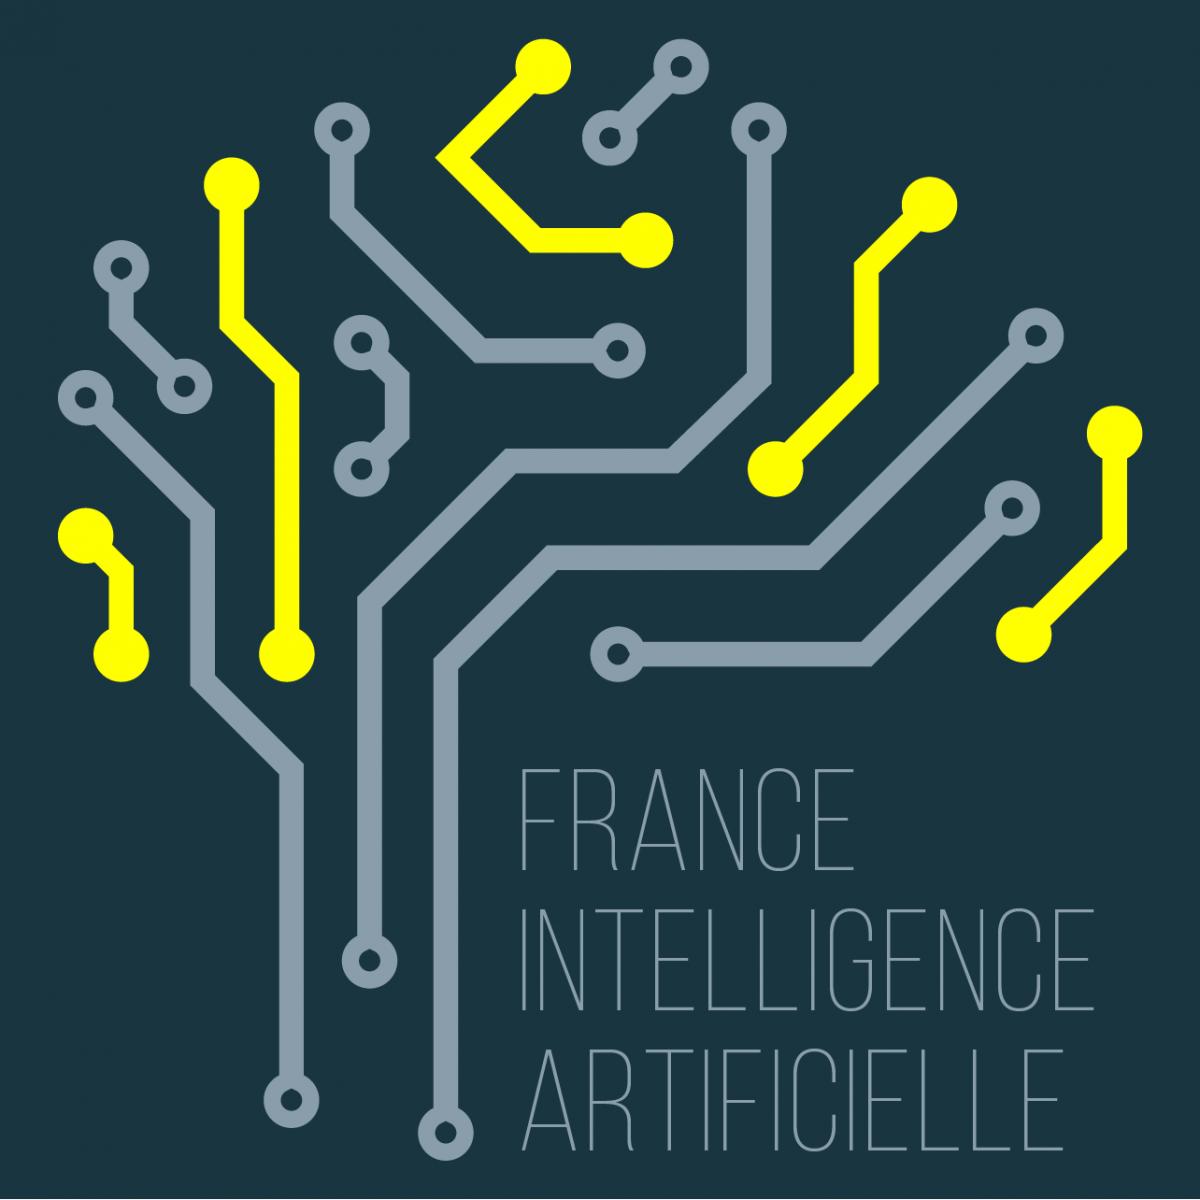 #FranceIA : Intervention d'AntVoice lors de la Journée de l'IA